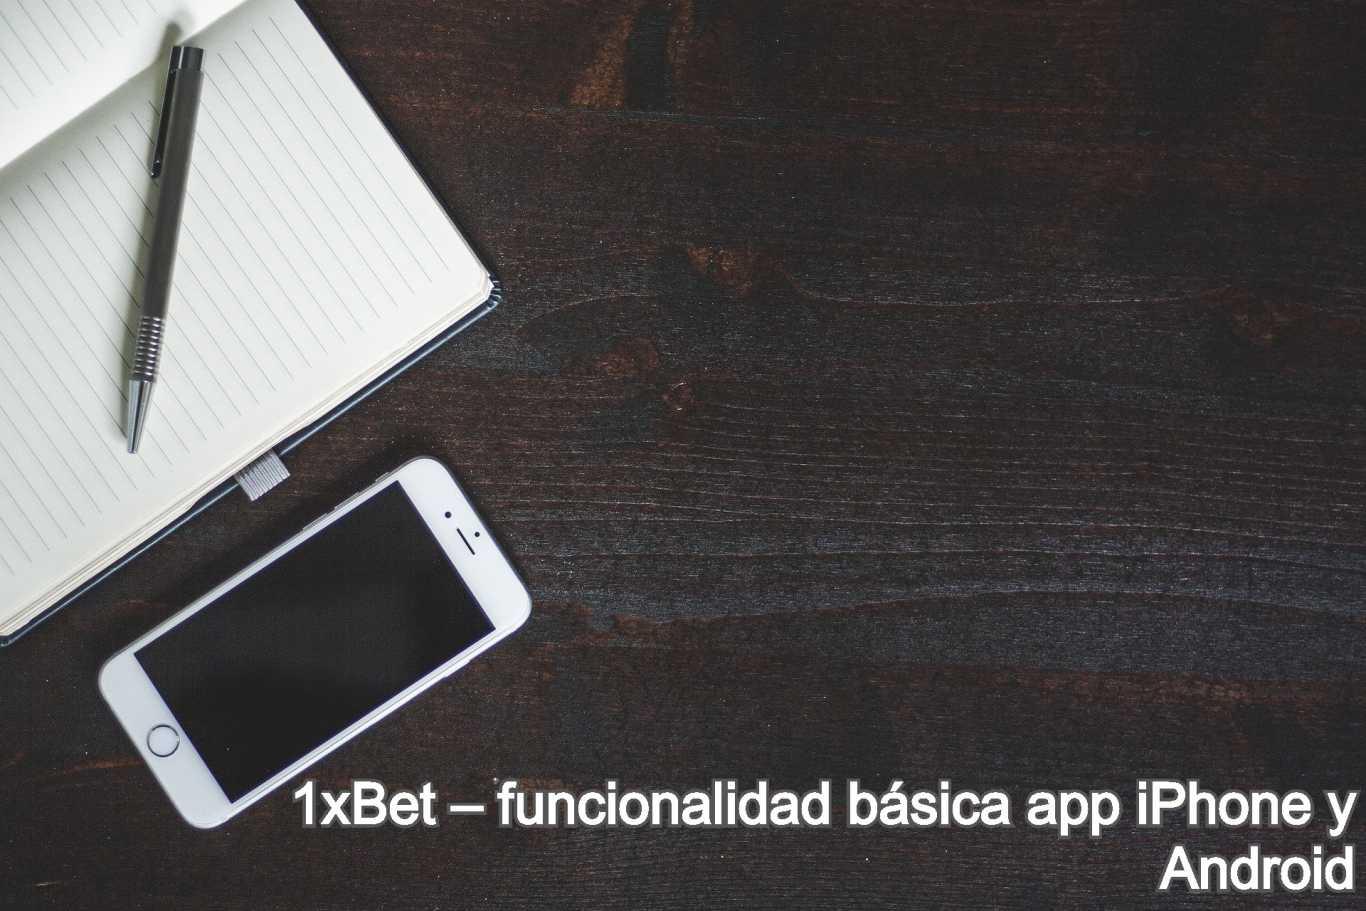 1xBet – funcionalidad básica app iPhone y Android